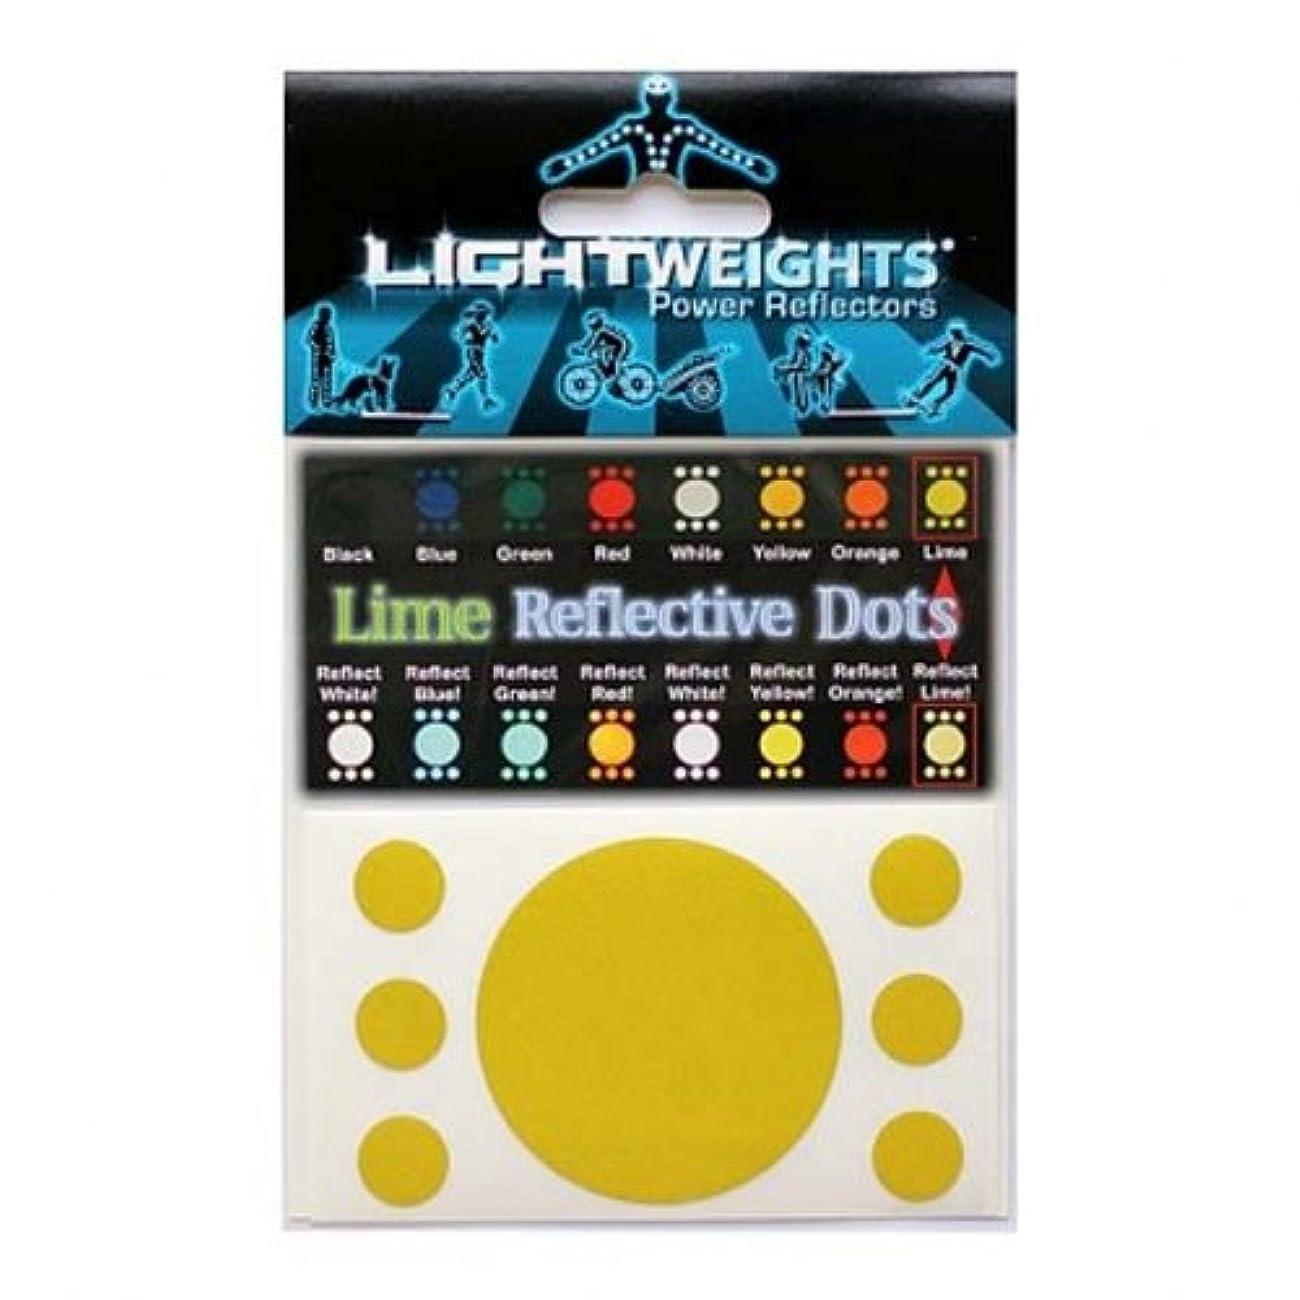 チャペル有限パドルライトウェイツパワーリフレクター Dots 7 ライム